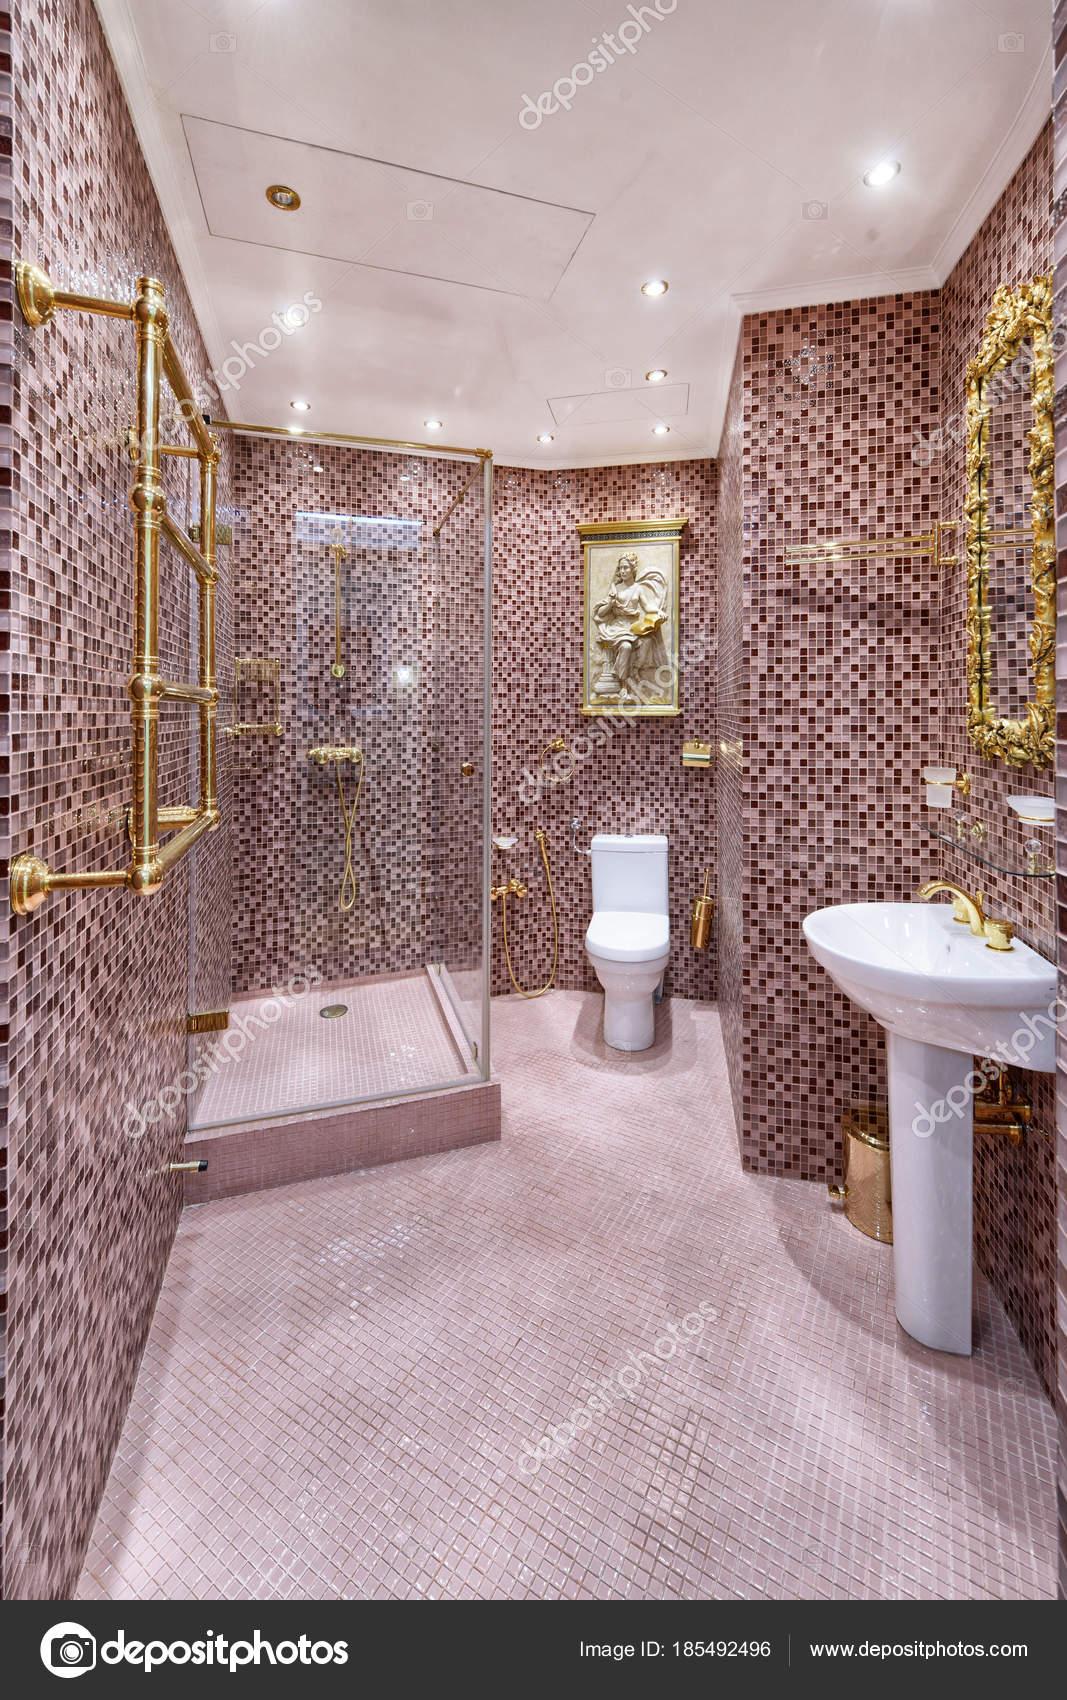 Maison Luxe Salle Bains Design Int Rieur Photographie